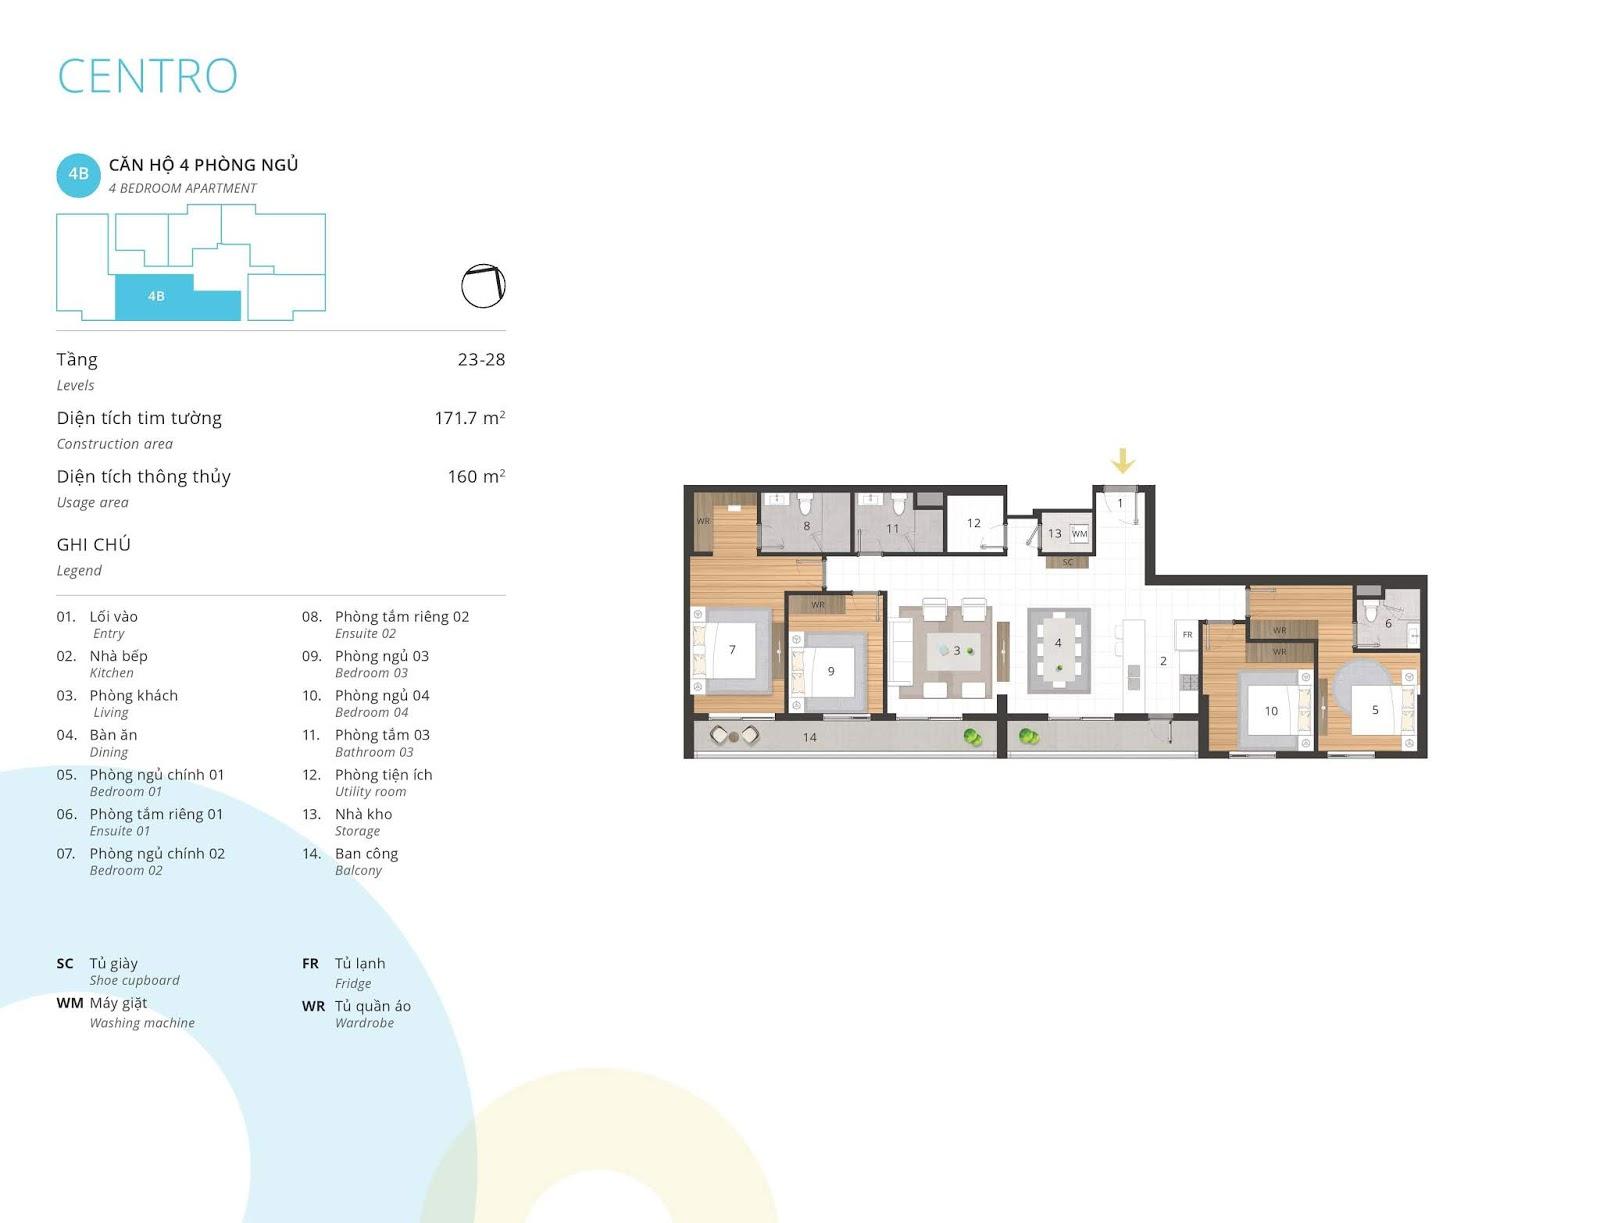 Mặt bằng căn hộ 4 phòng ngủ 160 m2 thông thủy tòa CENTRO